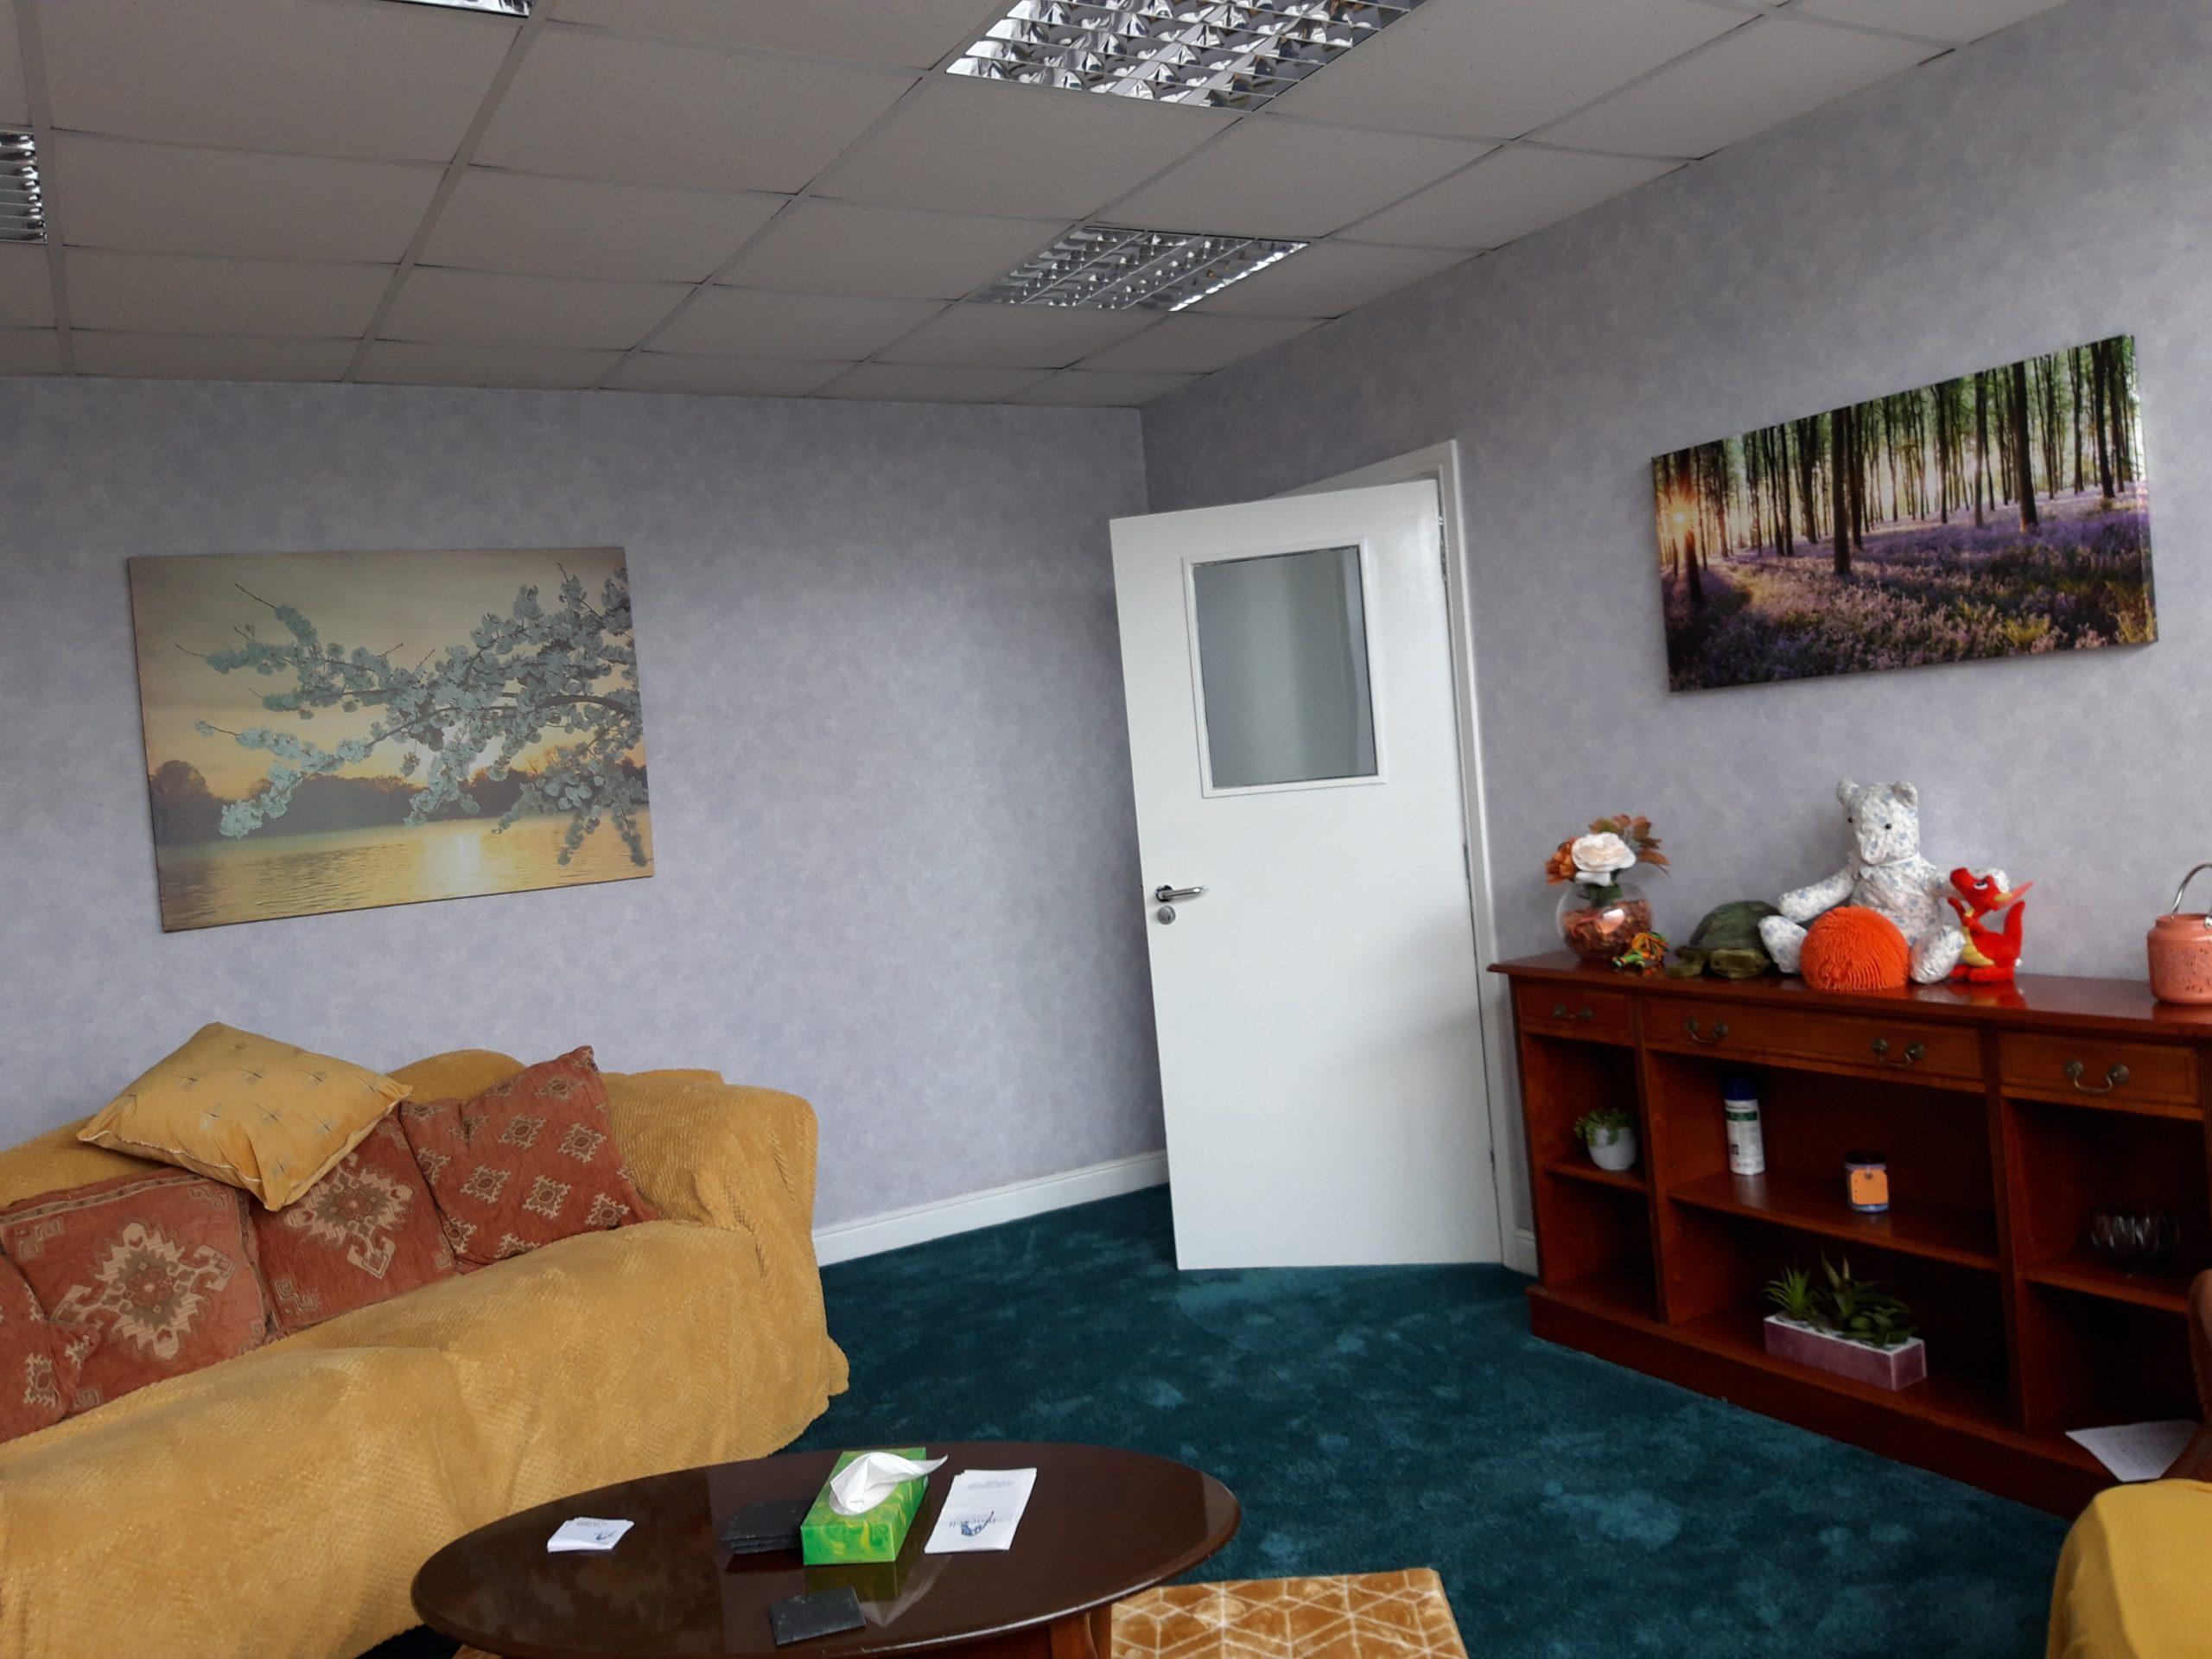 Consultation Room #1